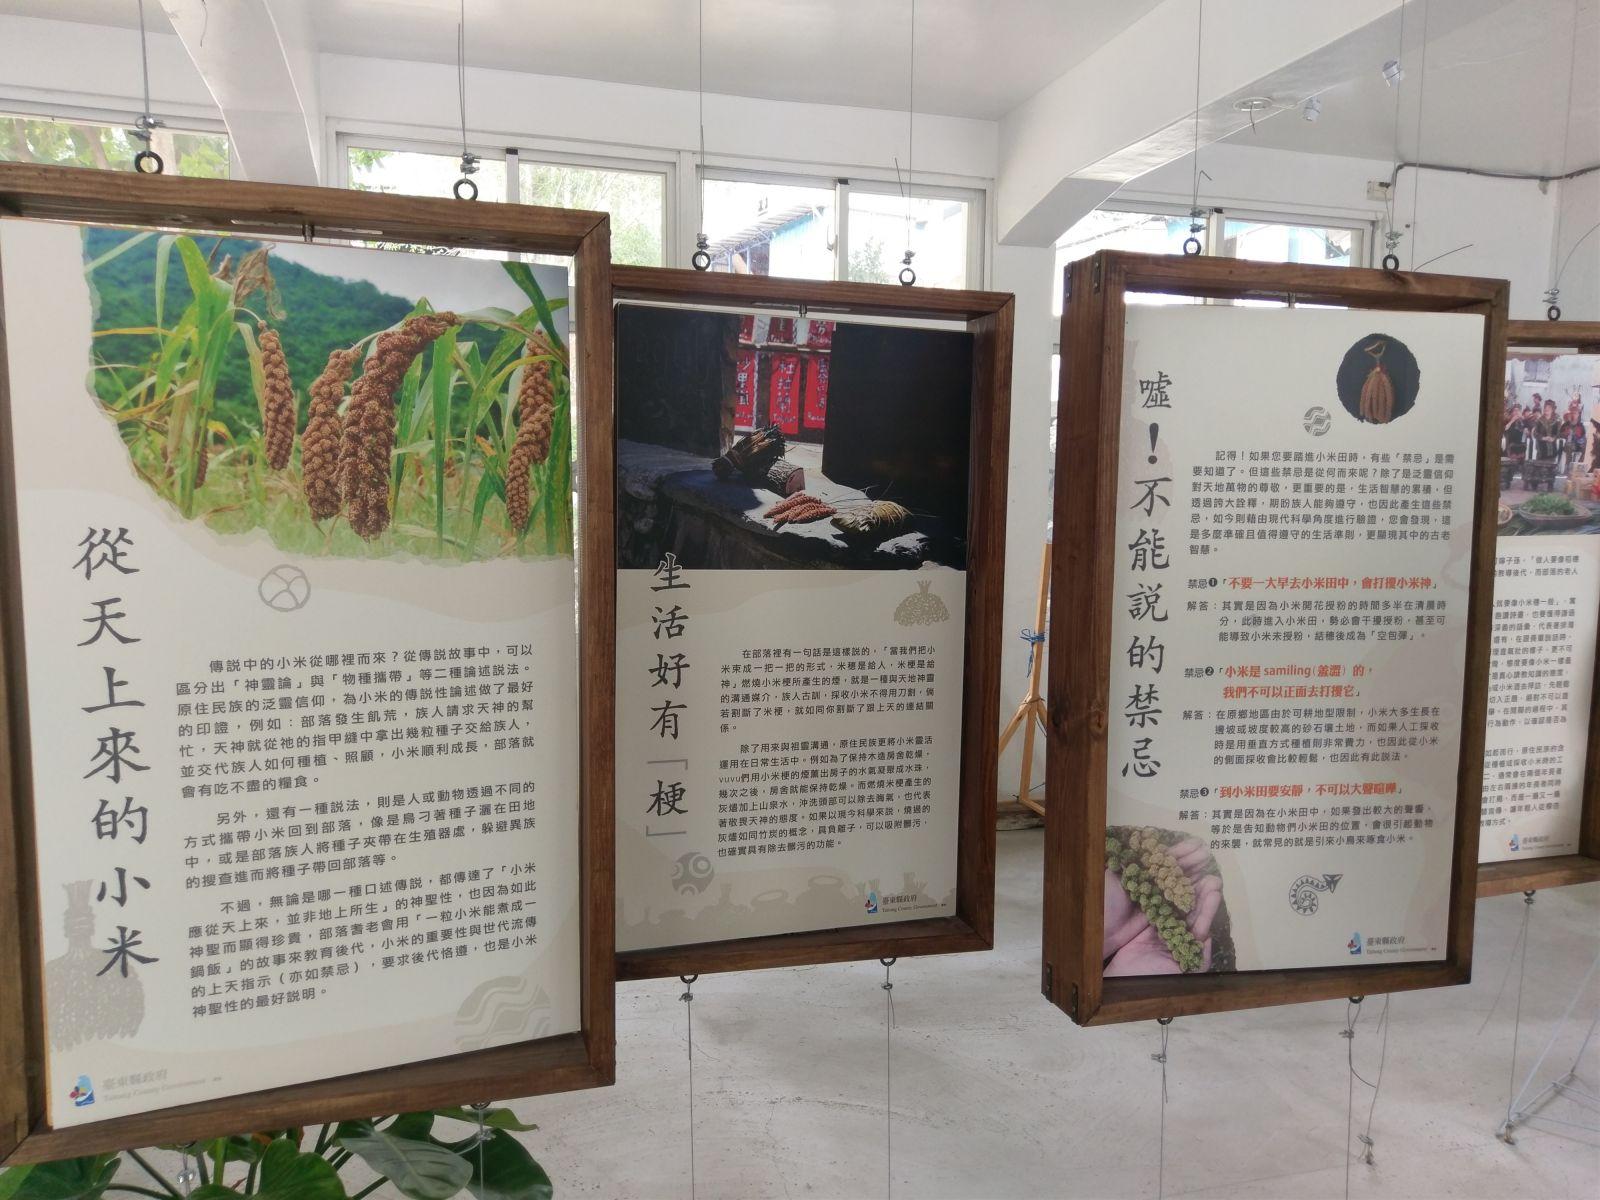 臺東金峰小米學校介紹小米背版